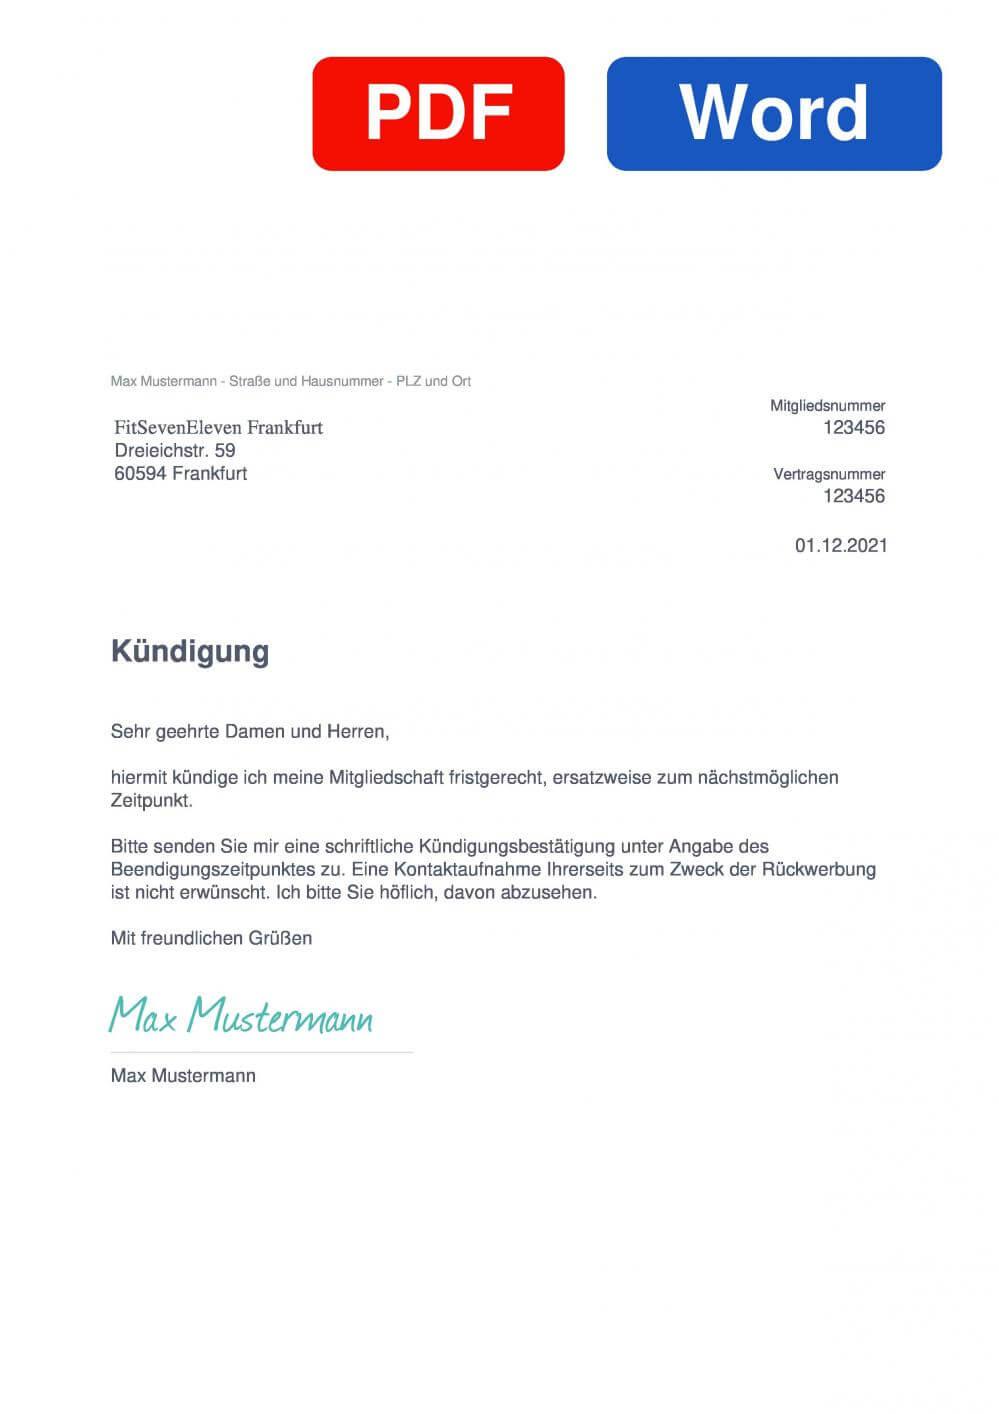 FITSEVENELEVEN Frankfurt Muster Vorlage für Kündigungsschreiben